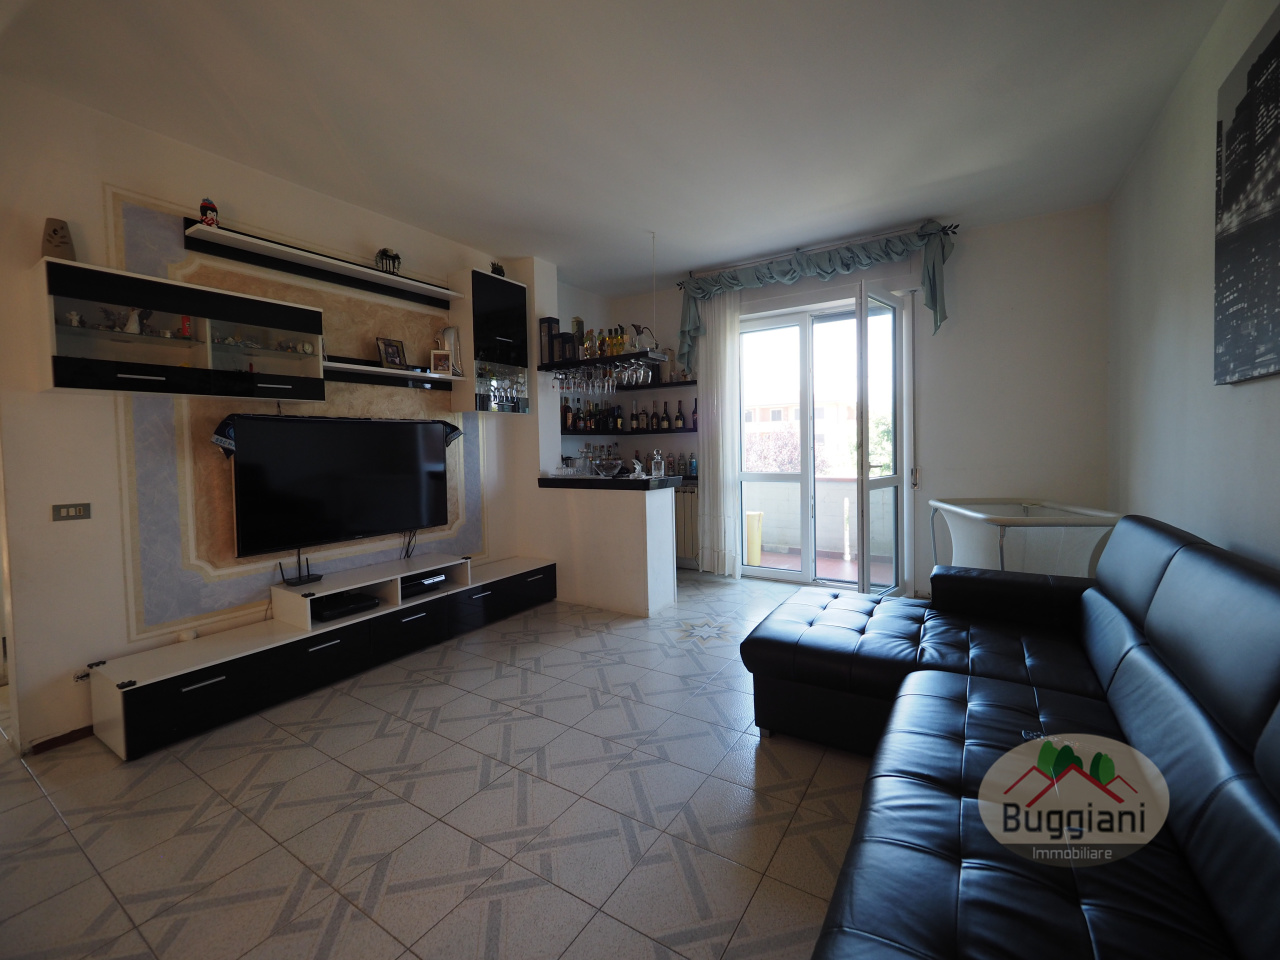 Appartamento in vendita RIF. 1779, San Miniato (PI)